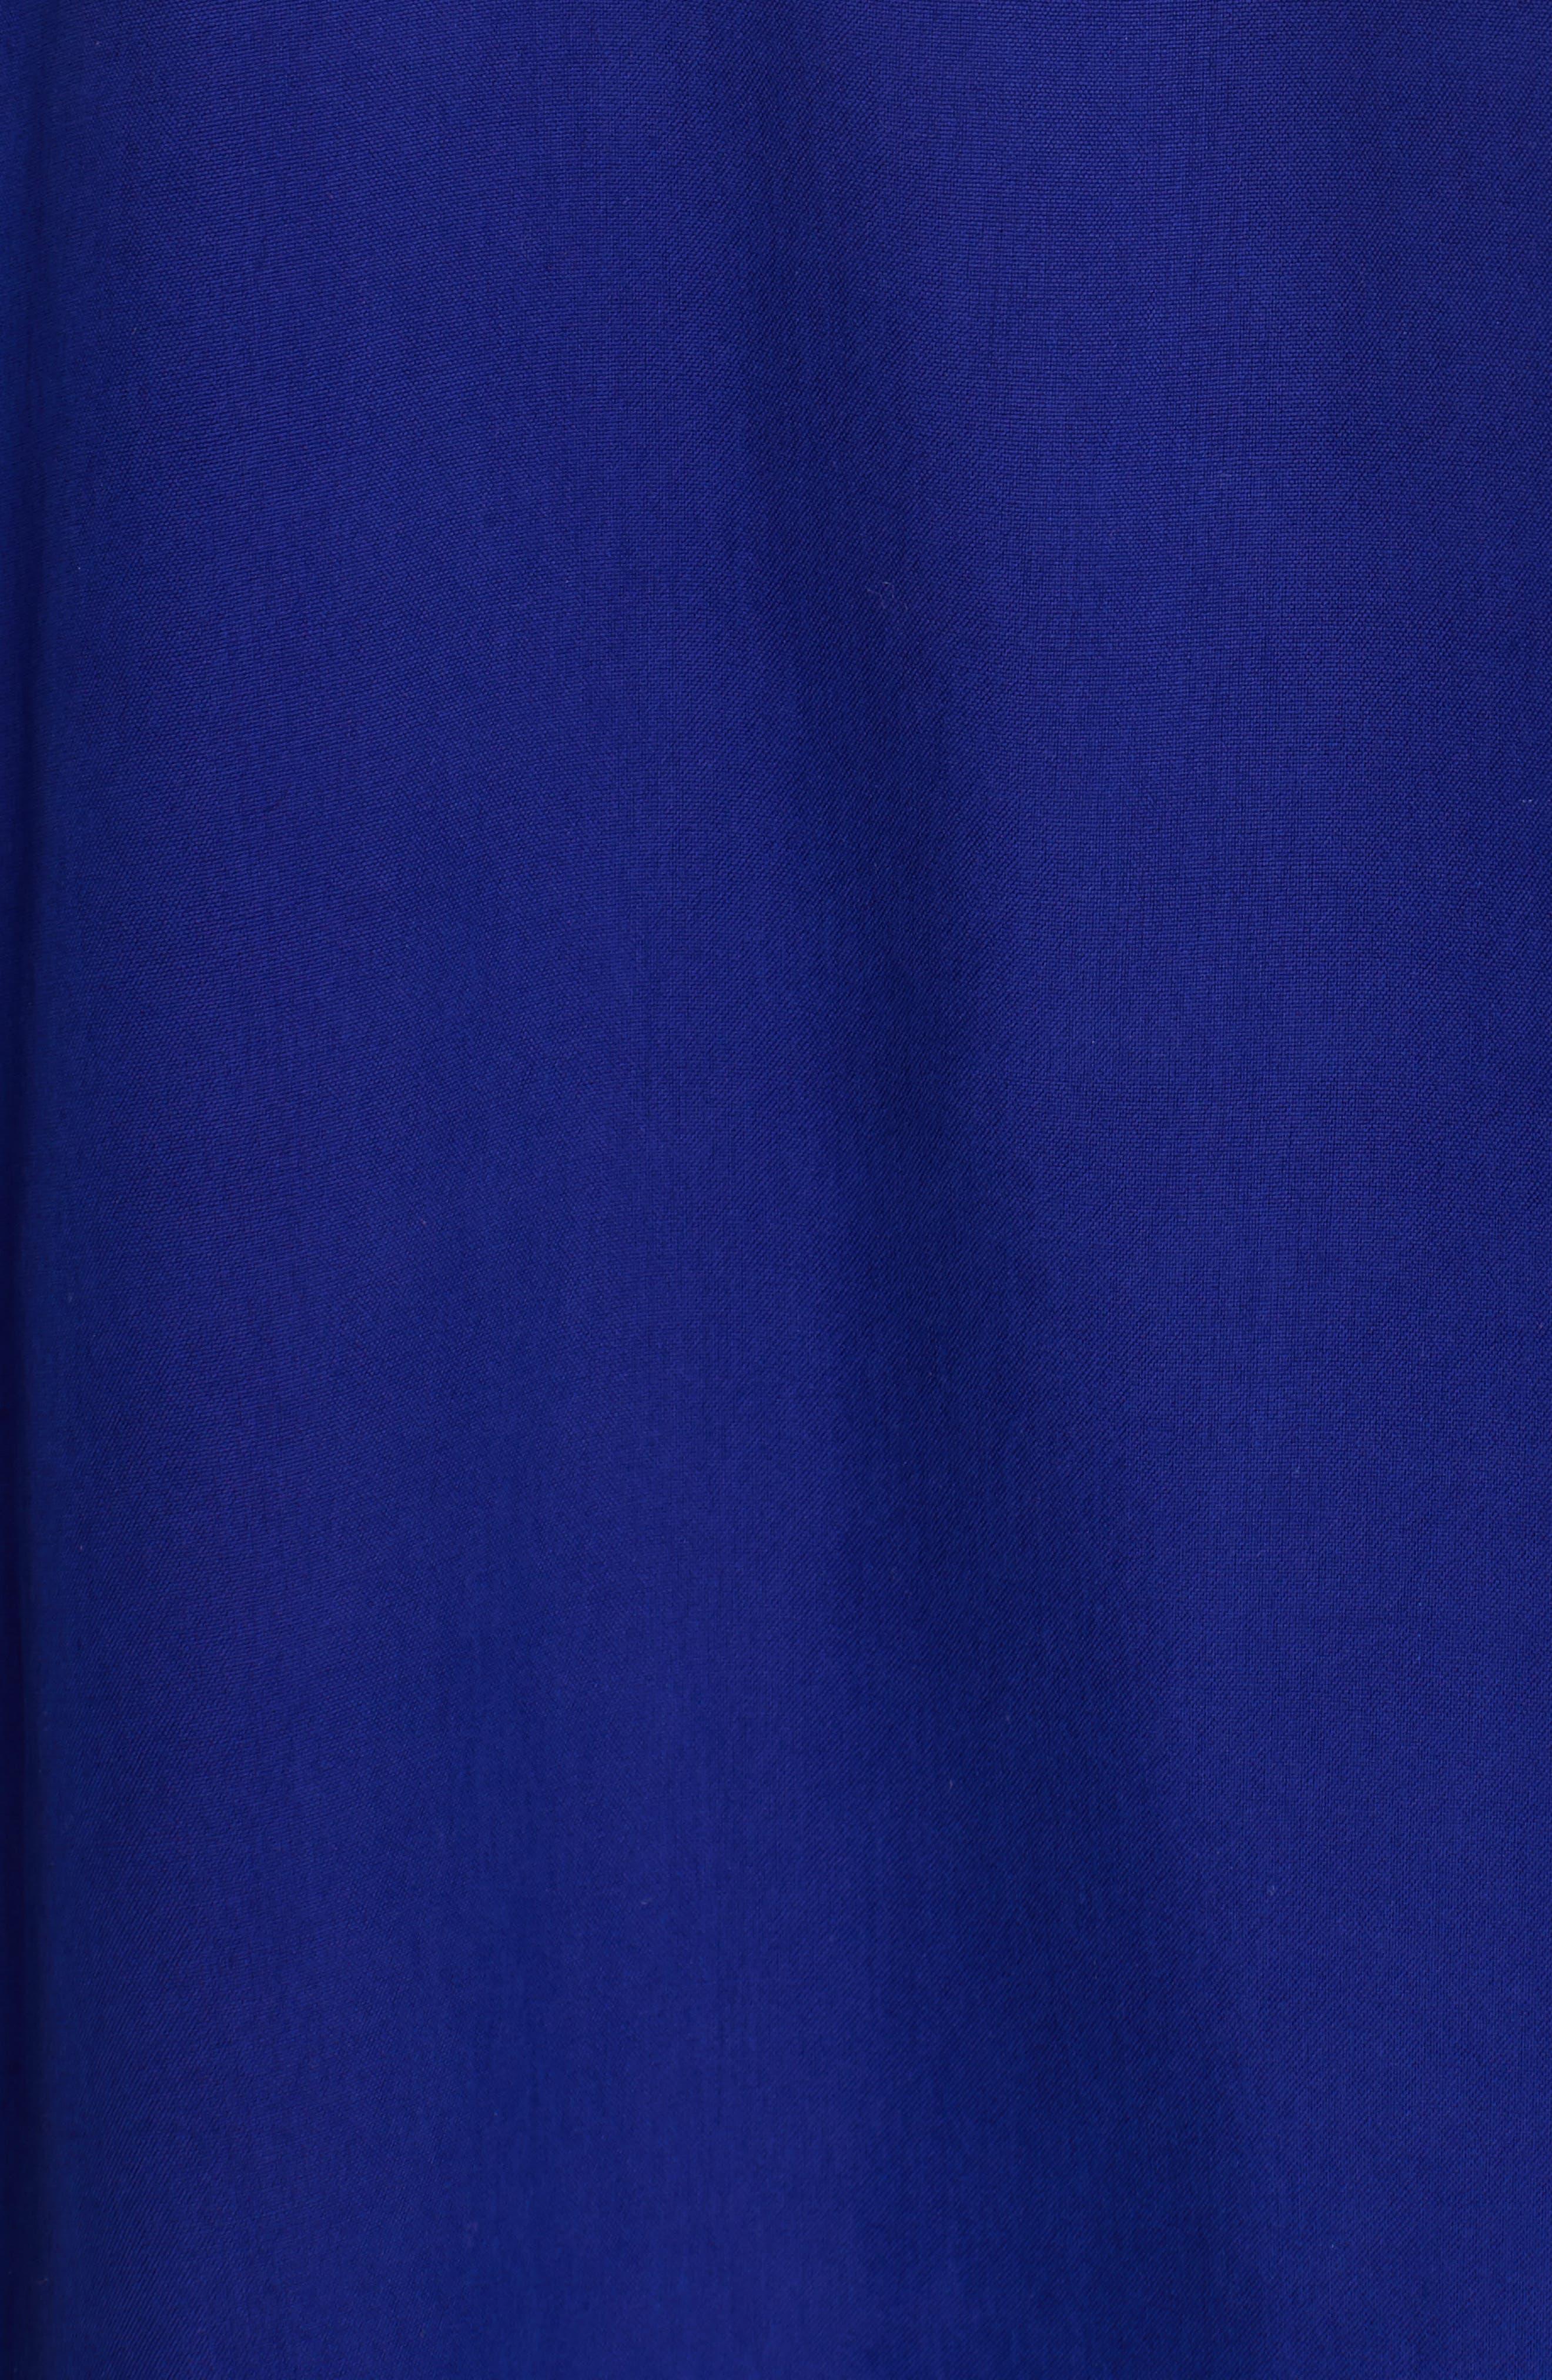 Tie Neck Silk Top,                             Alternate thumbnail 5, color,                             Blue Violet